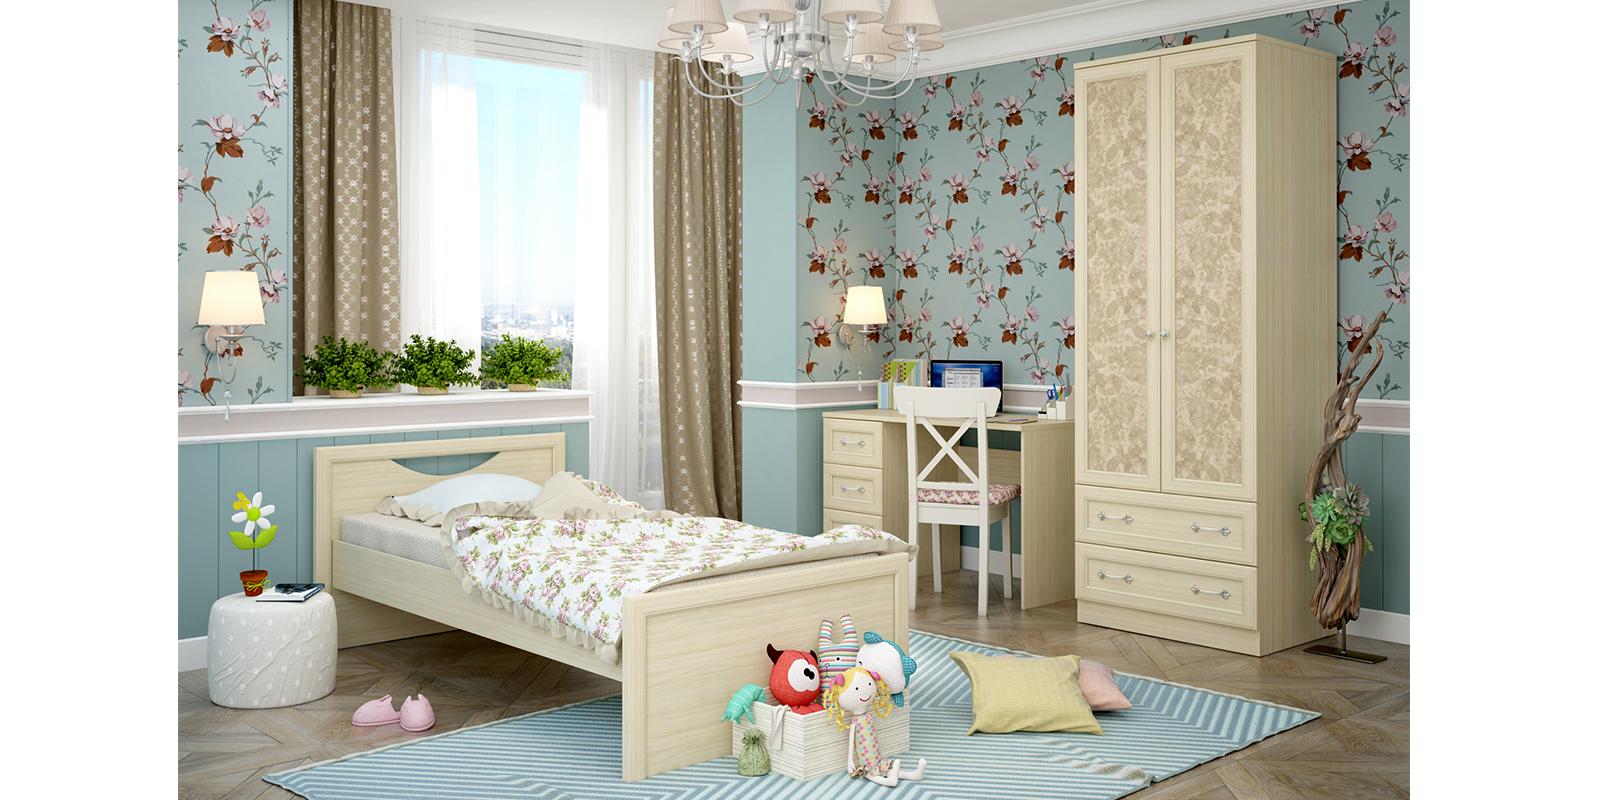 Модульная детская Дениз вариант №1 (дуб молочный/мейсен ваниль) от HomeMe.ru